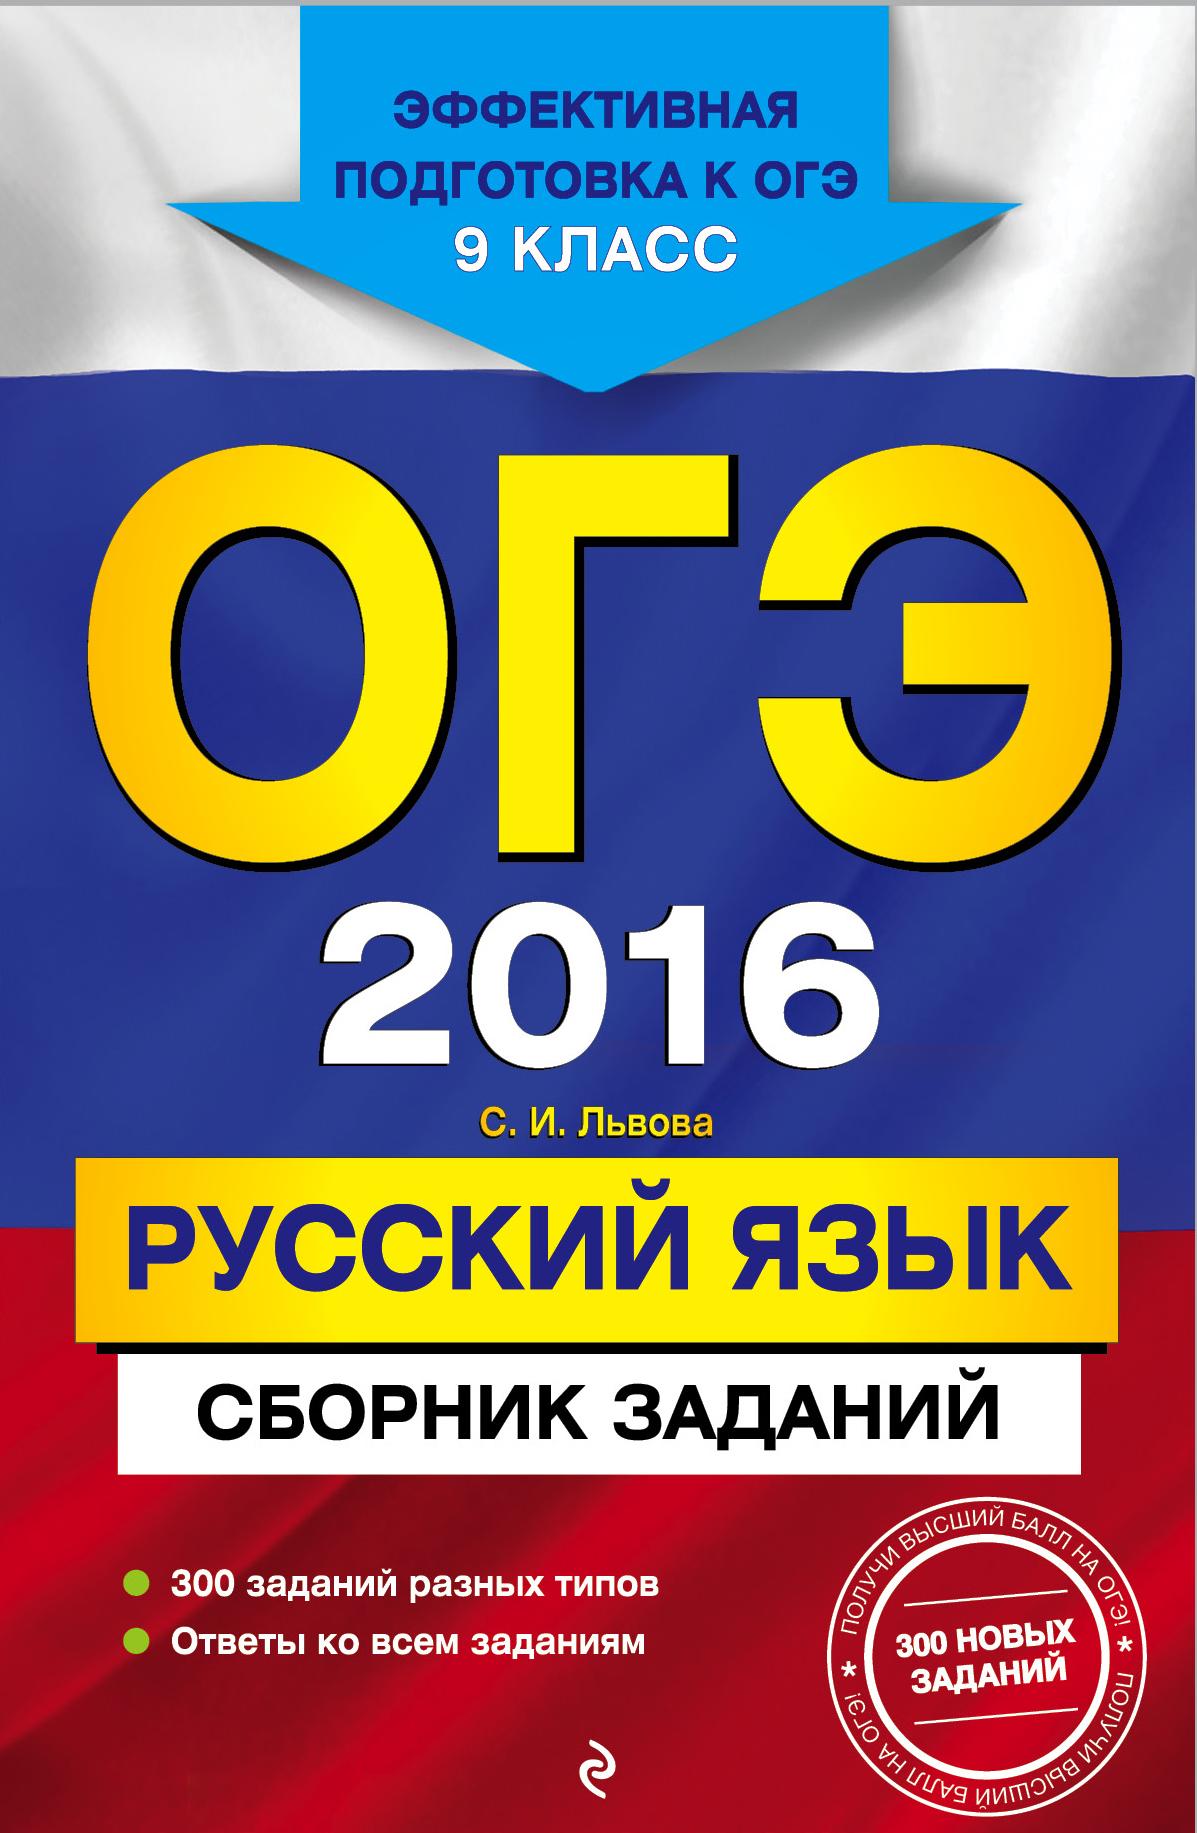 ОГЭ-2016. Русский язык : Сборник заданий : 9 класс от book24.ru